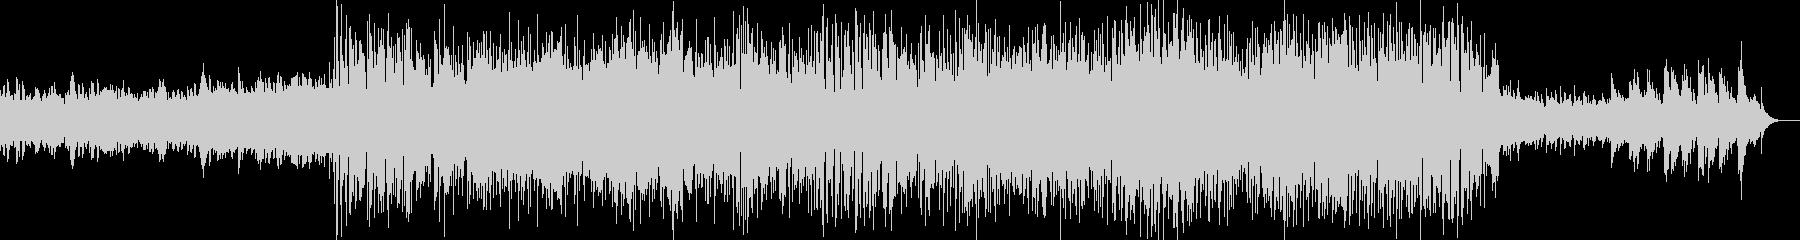 ピアノベースのポップロック。アップ...の未再生の波形